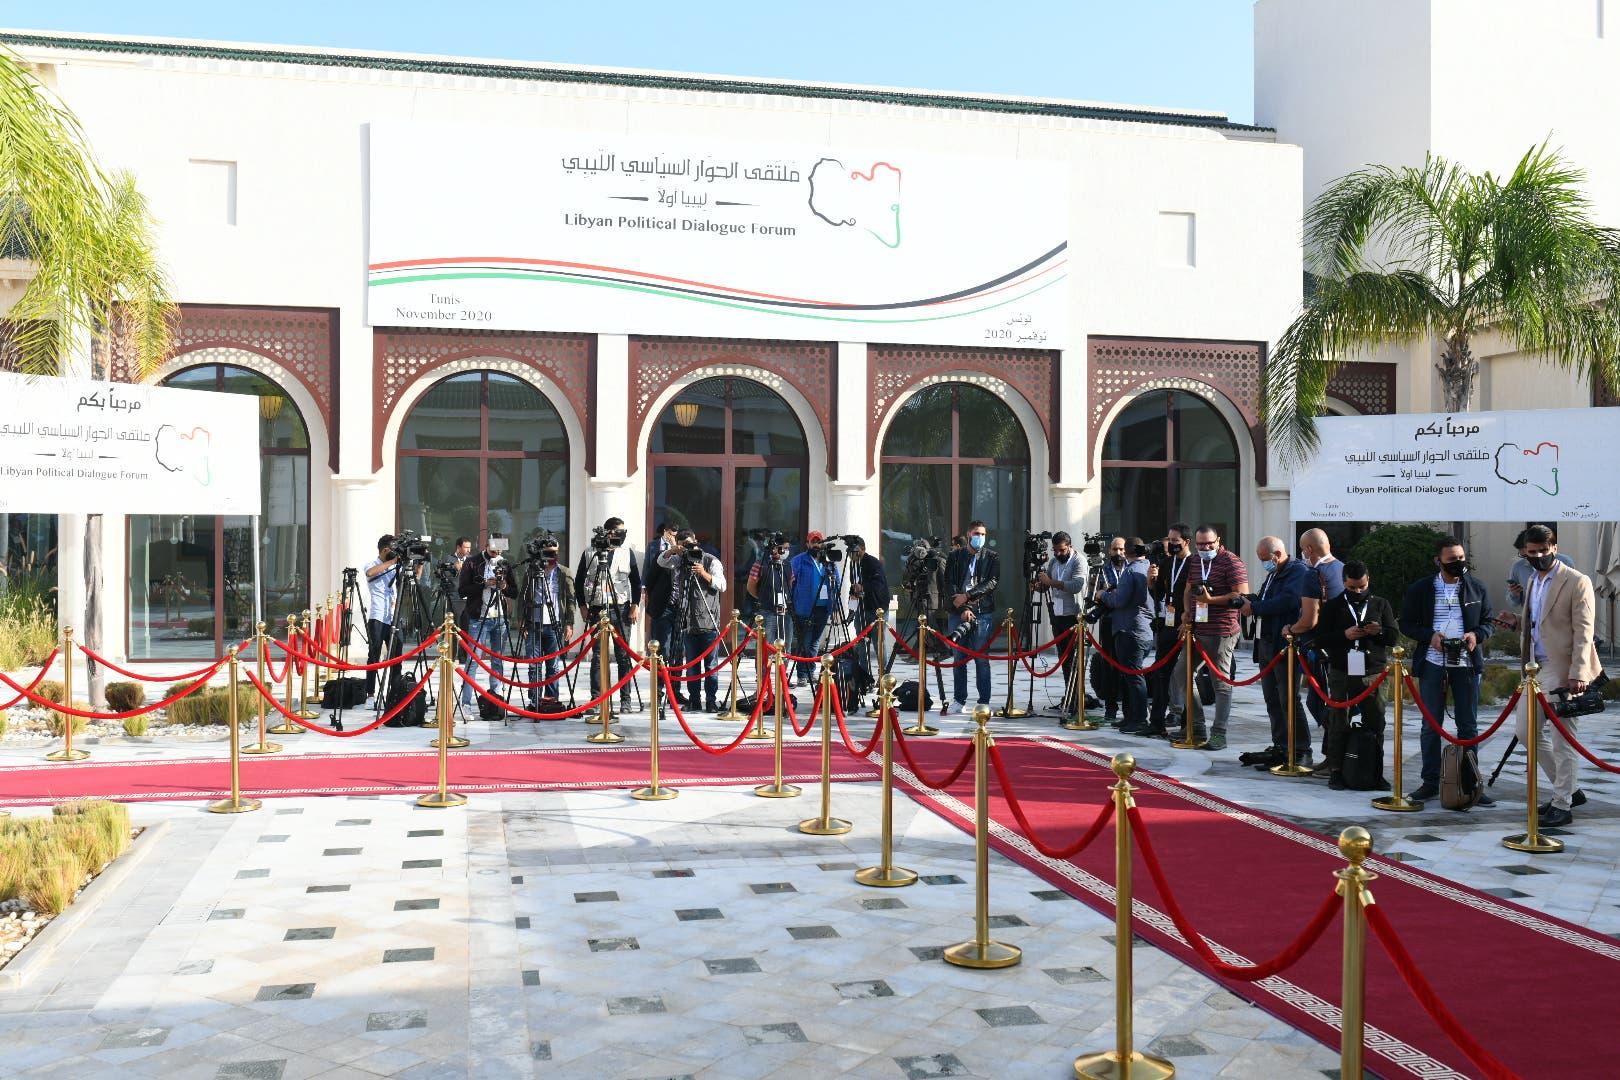 من ملتقى الحوار السياسي الليبي في تونس